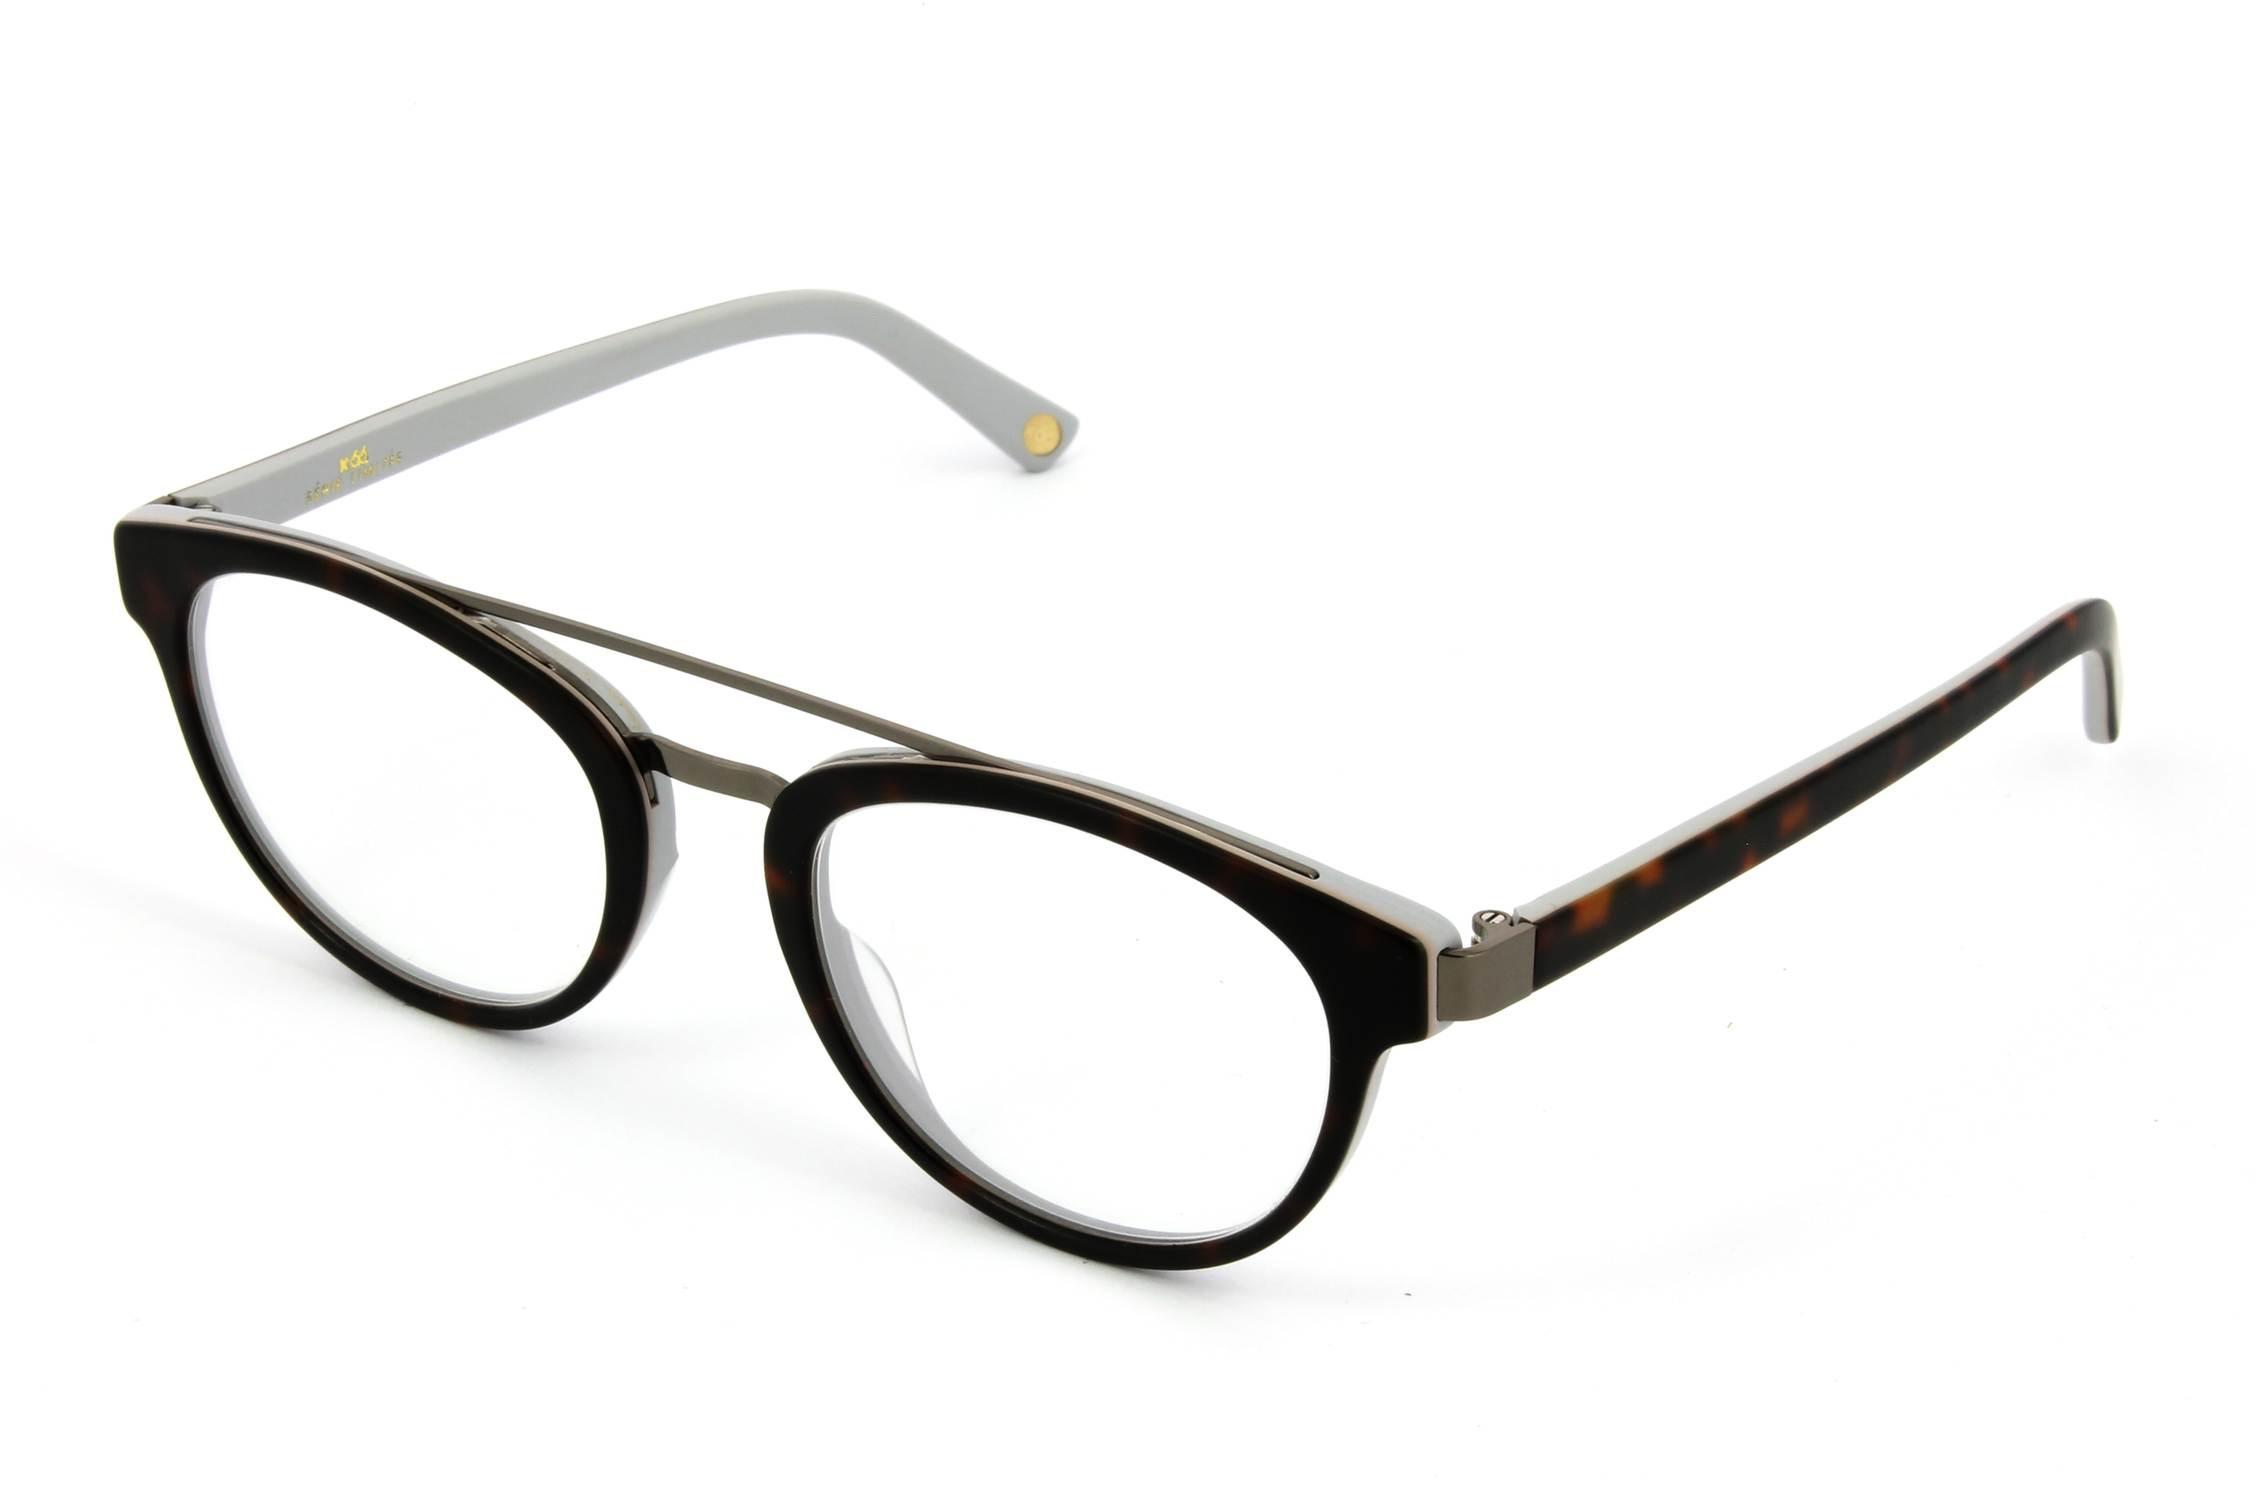 lunette de vue une paire qui vous convient. Black Bedroom Furniture Sets. Home Design Ideas